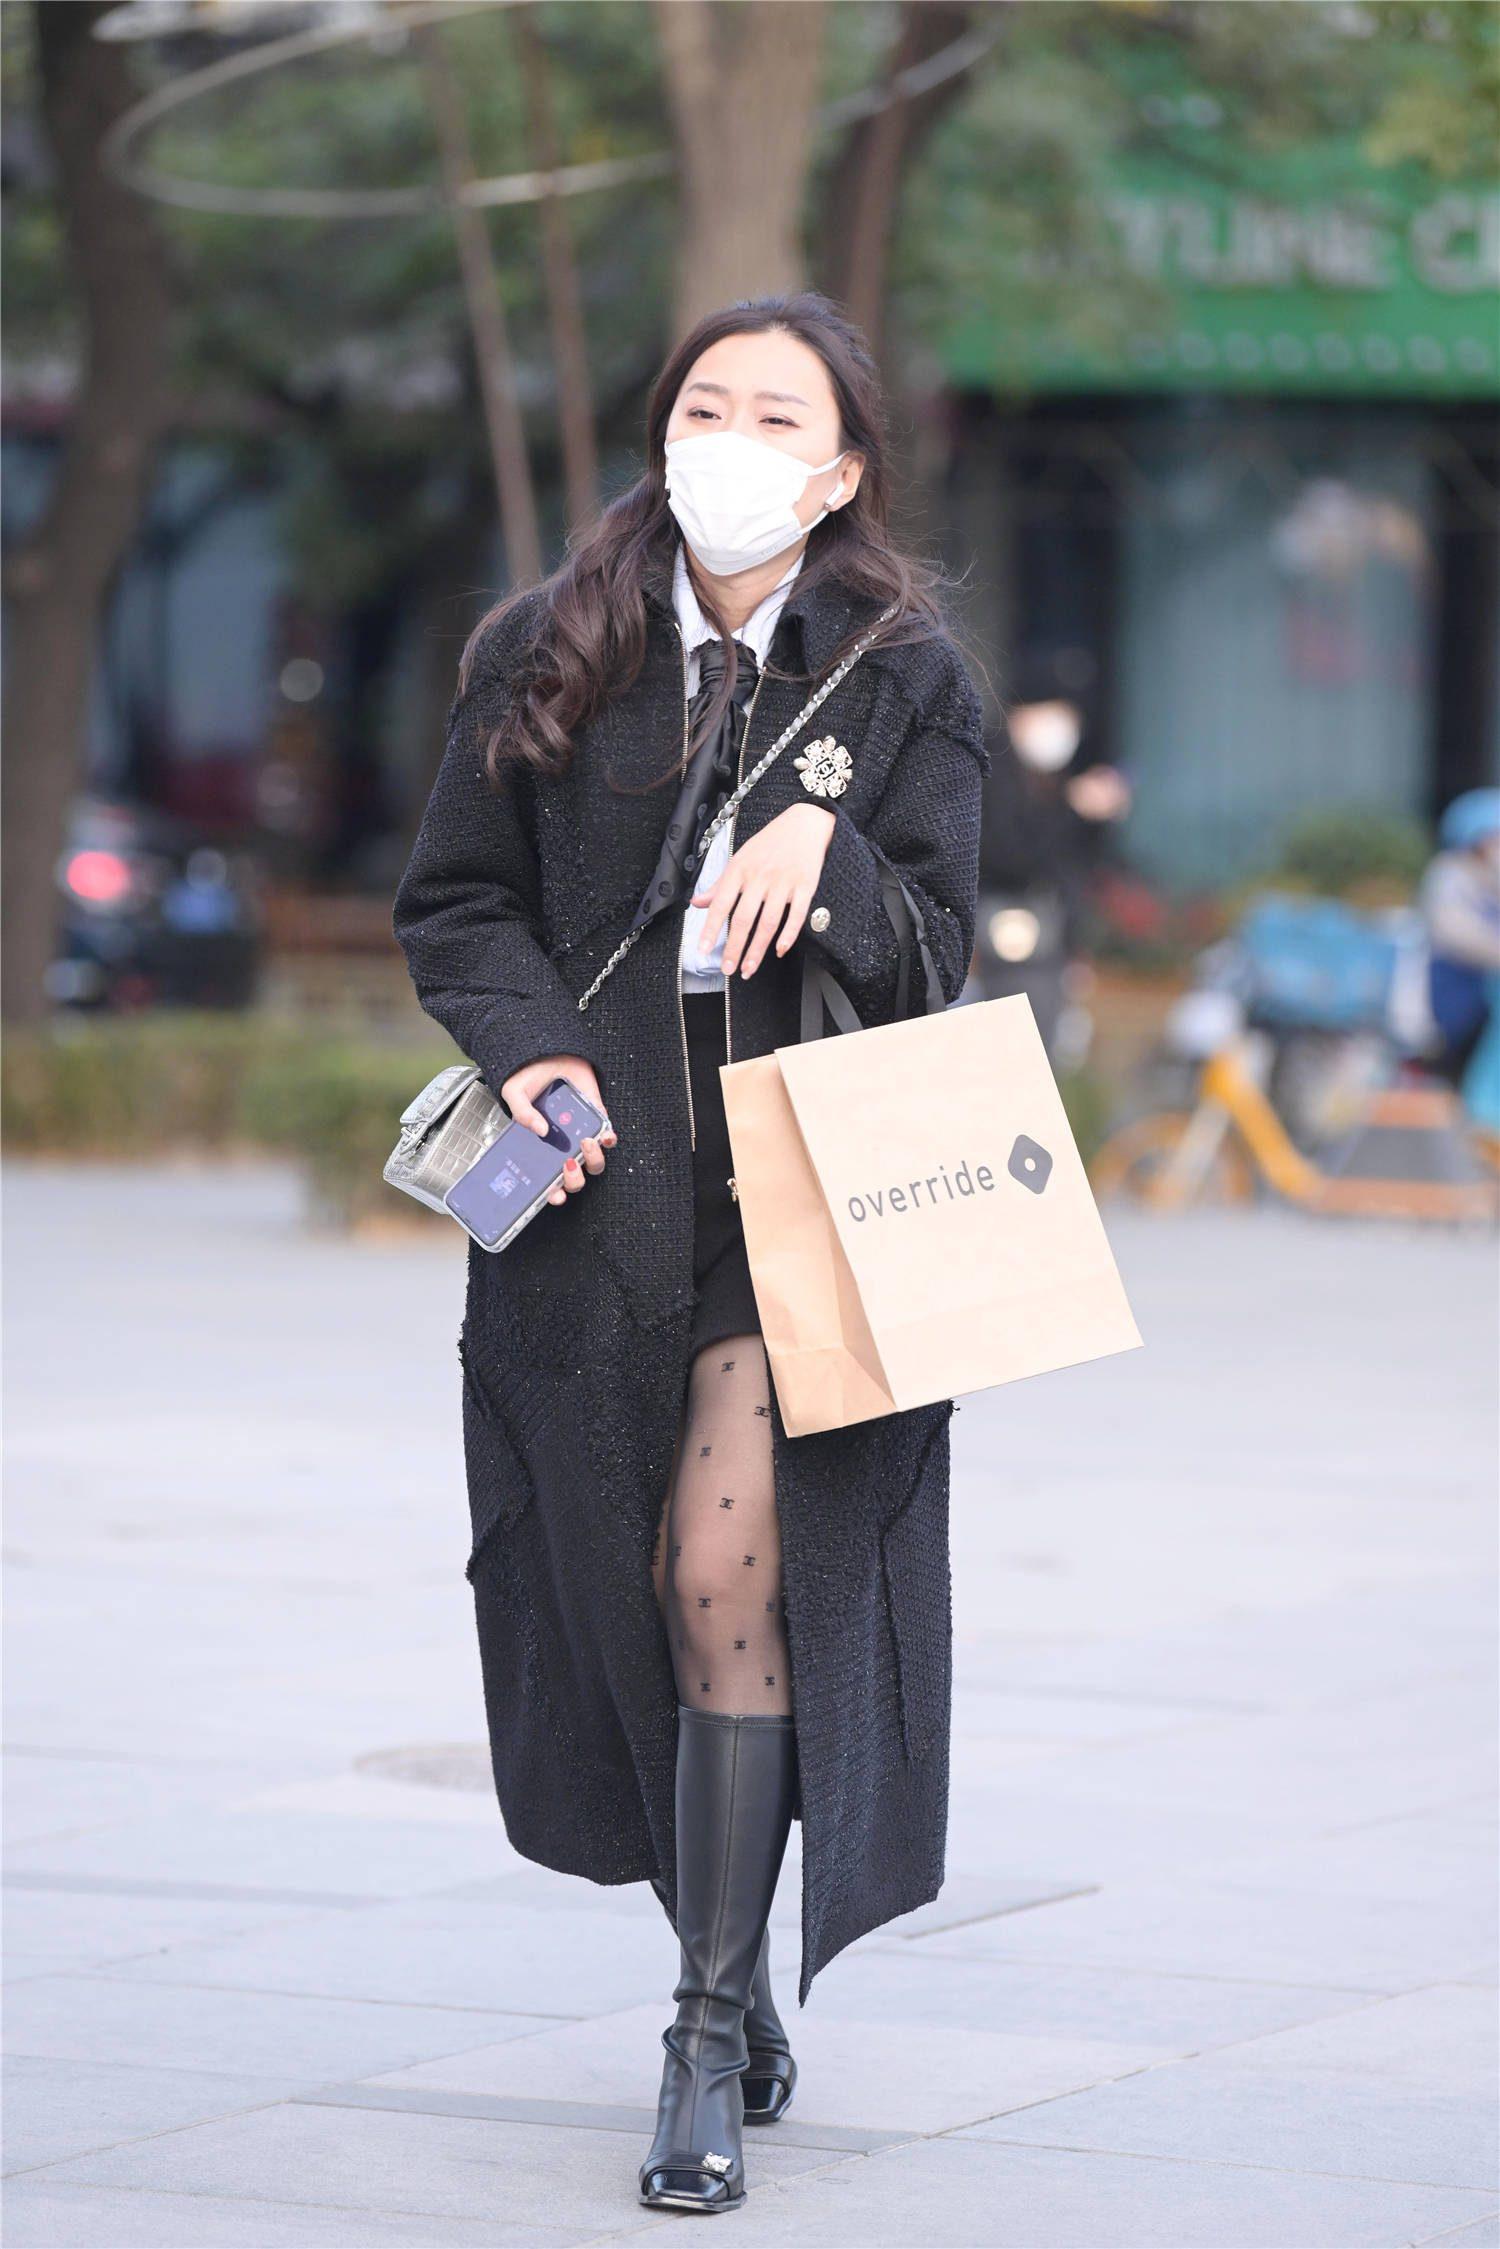 初冬时节的美女,还是喜欢穿着黑色丝袜衬托身材,显瘦还有气质